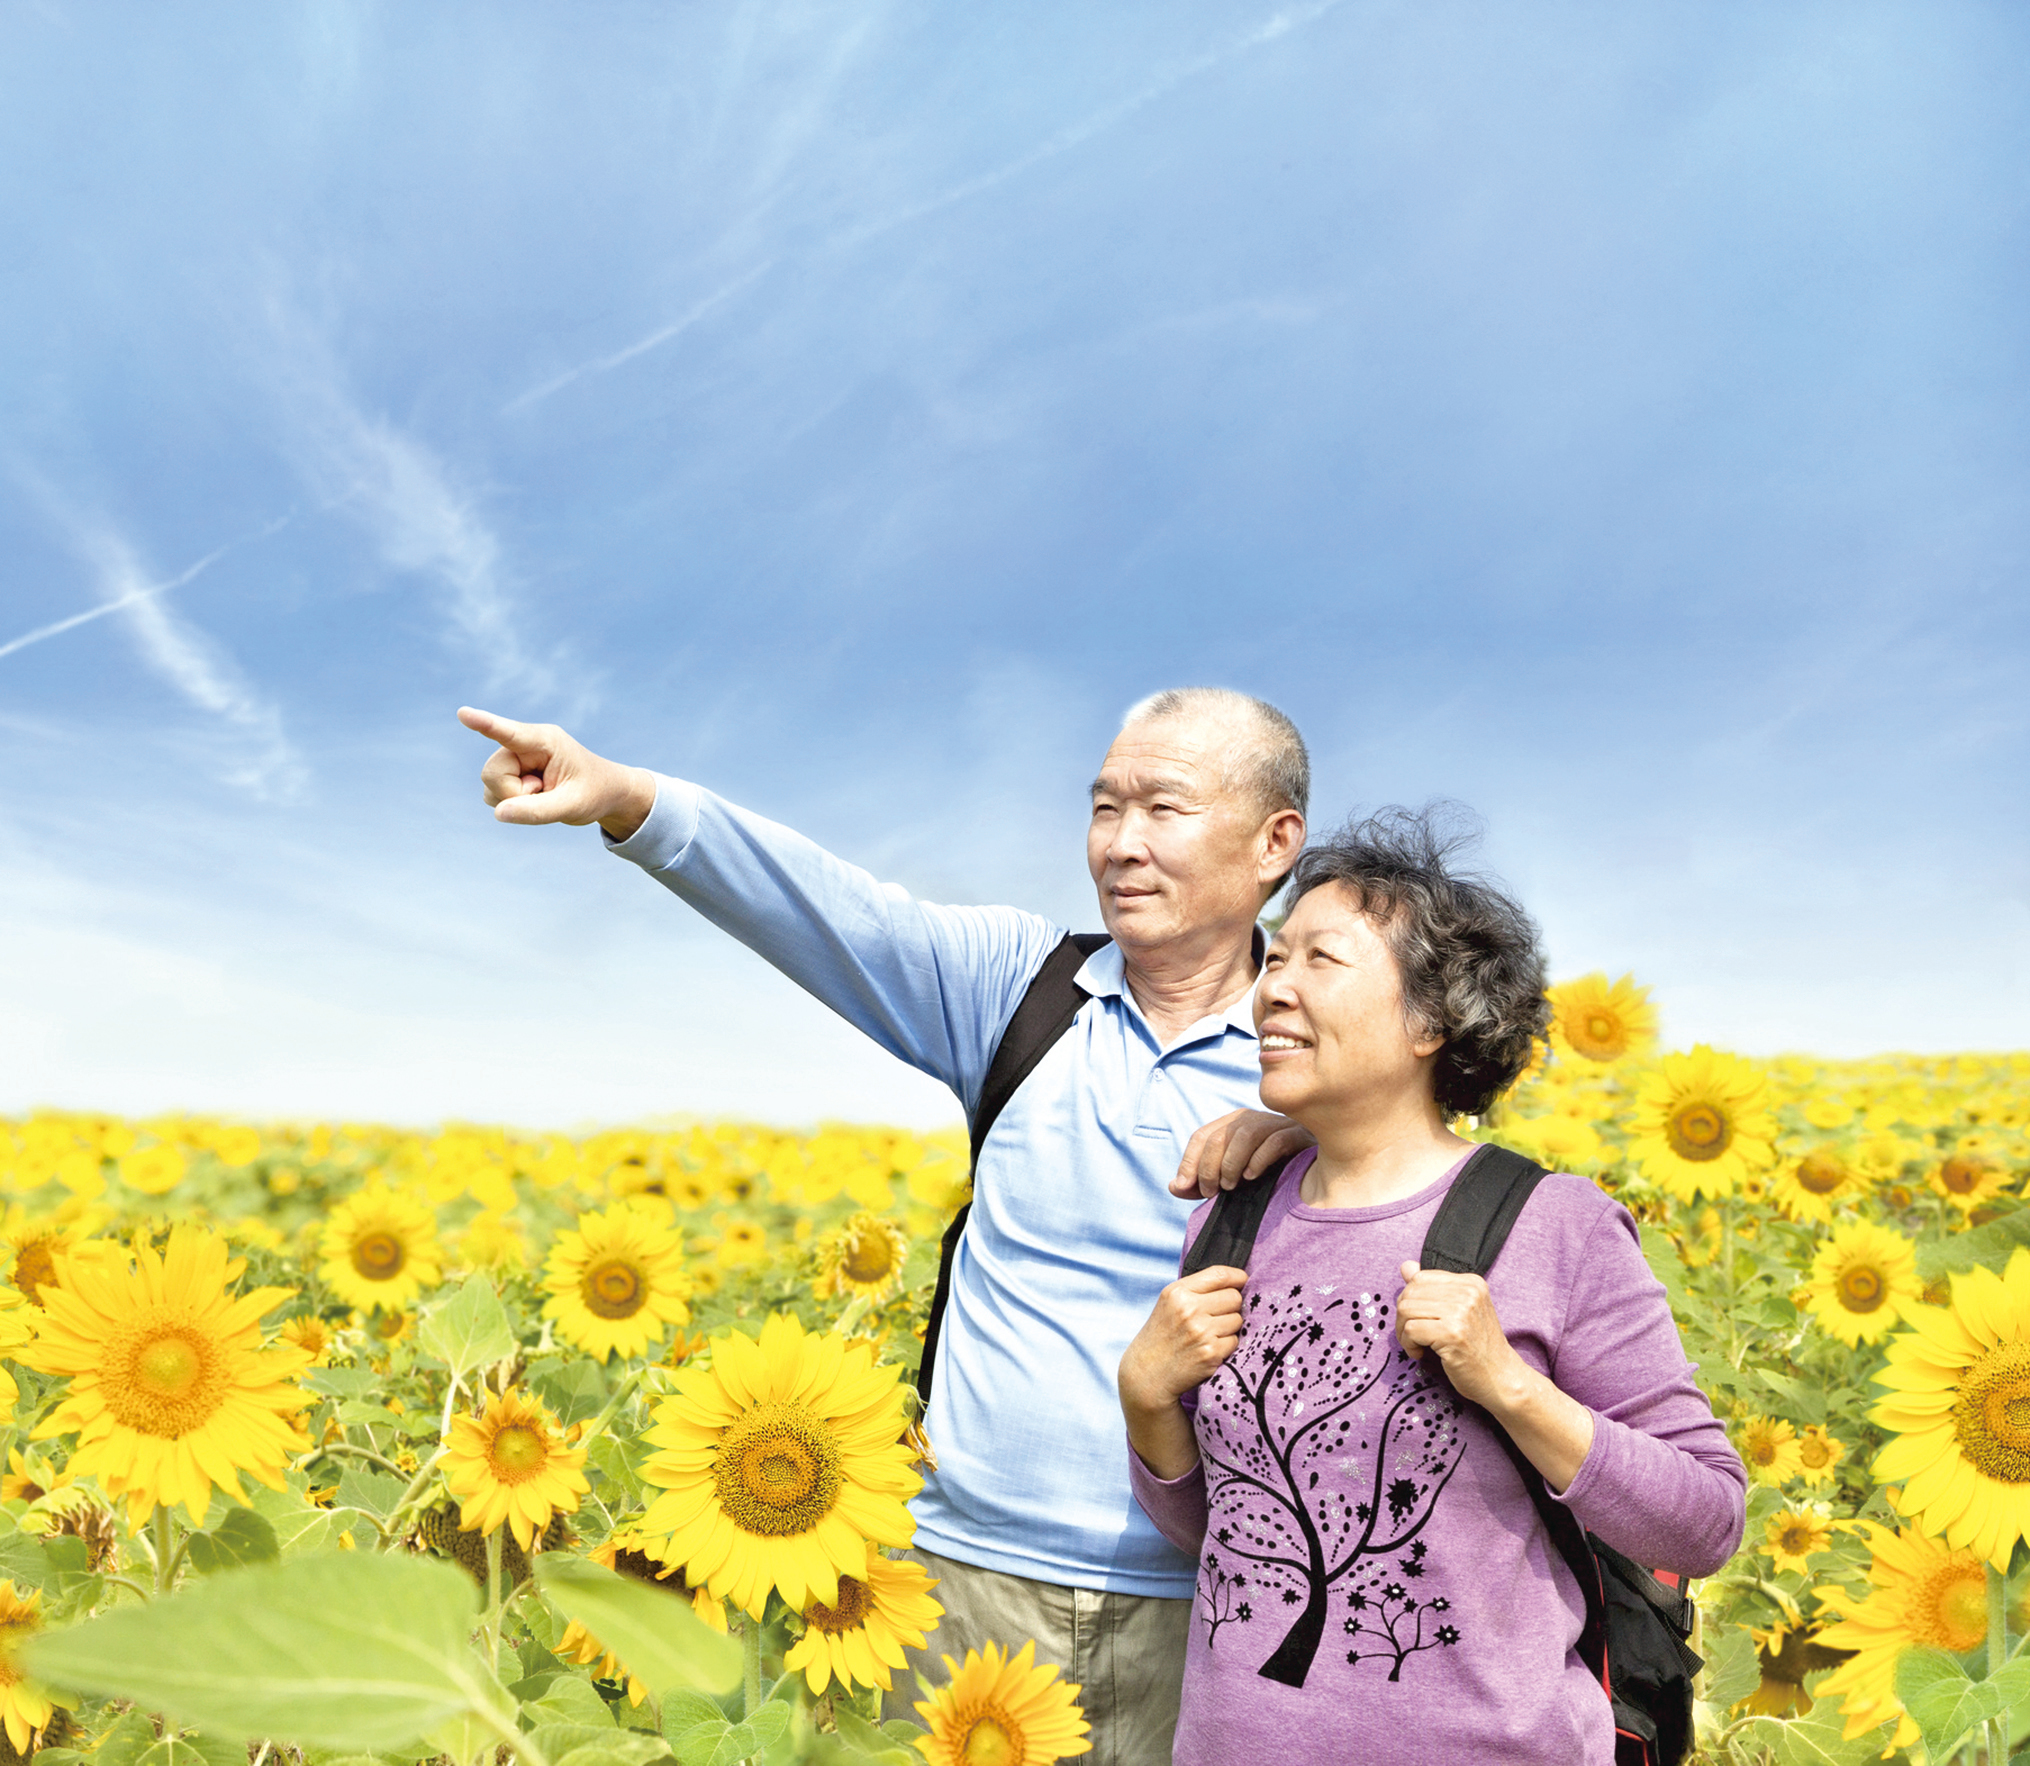 日本人長壽的秘密其實很簡單